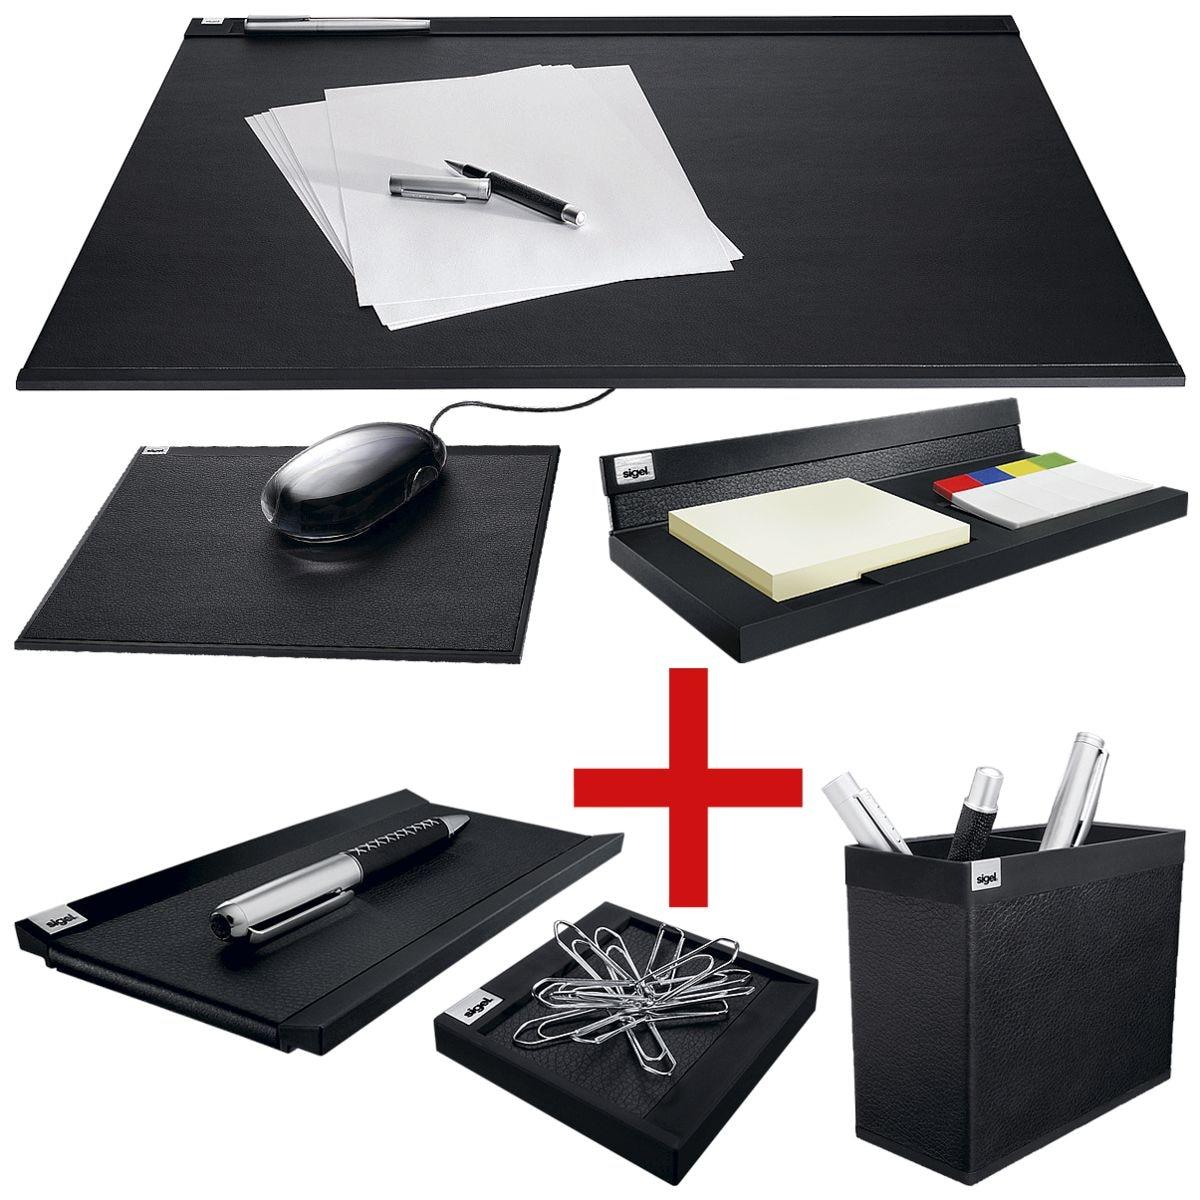 sigel premium schreibtisch set cintano s bei otto office g nstig kaufen. Black Bedroom Furniture Sets. Home Design Ideas